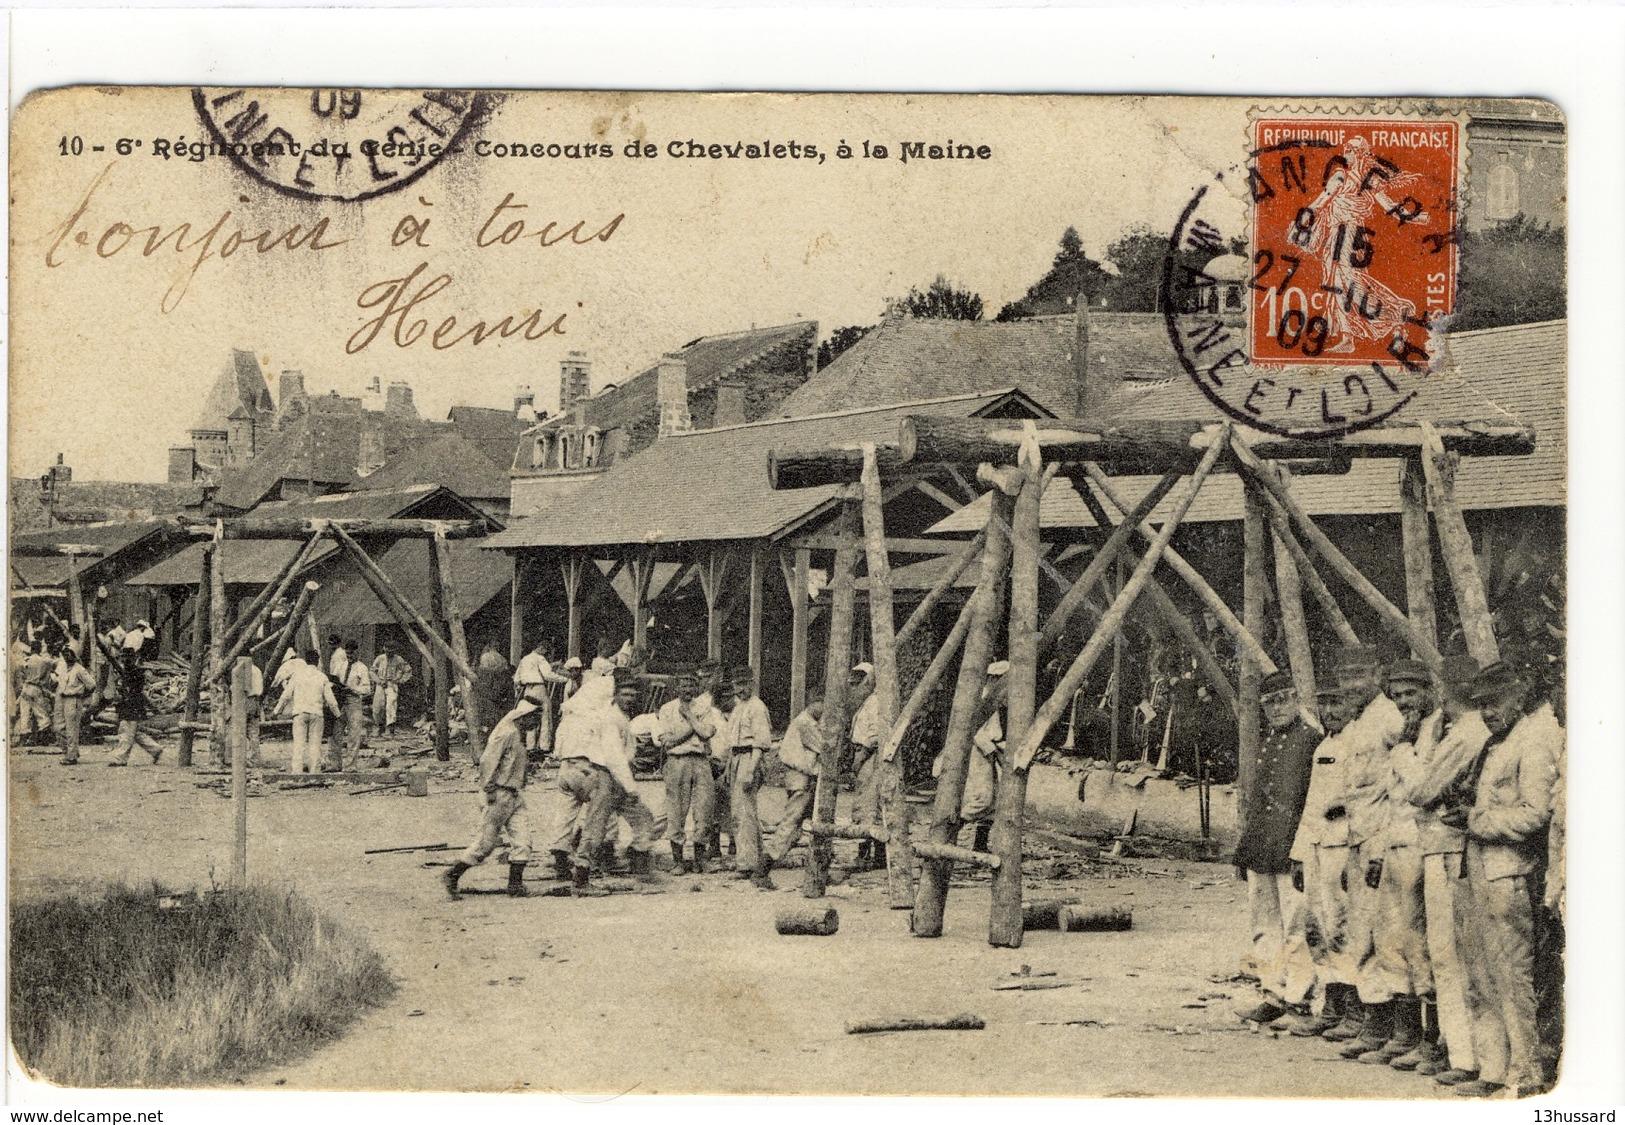 Carte Postale Ancienne 6ème Régiment Du Génie (Angers) - Concours De Chevalets, à La Maine - Militaires - Angers